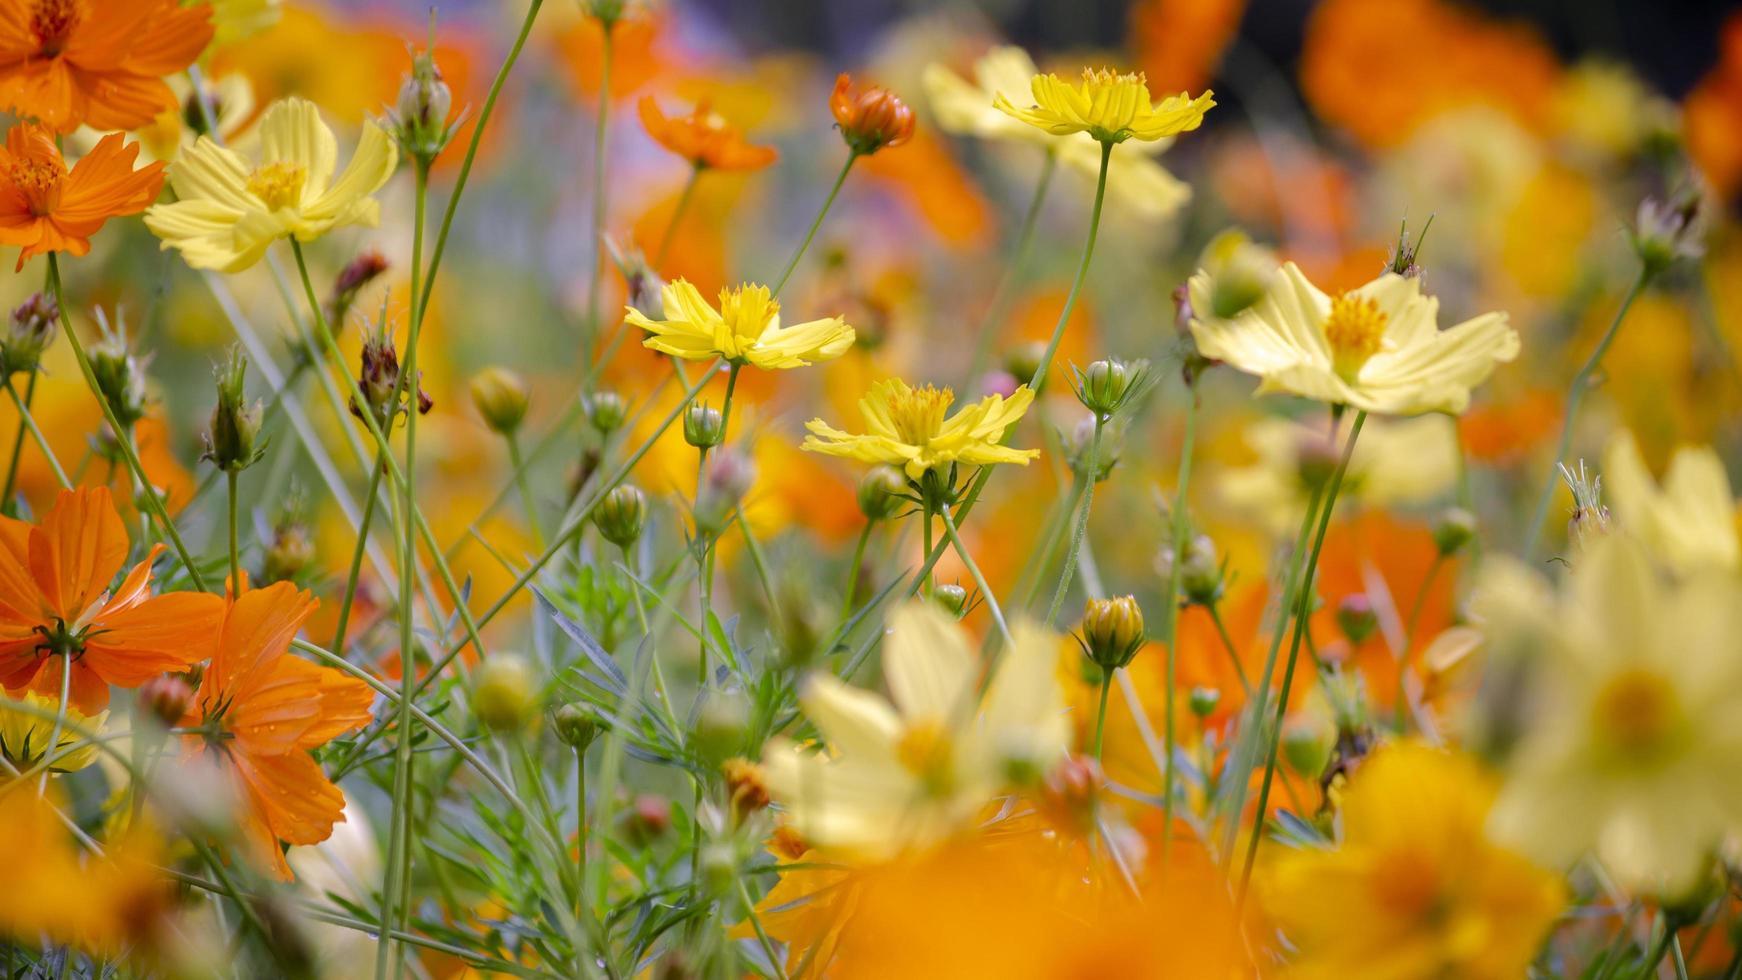 fleurs de cosmos qui fleurissent dans le jardin photo